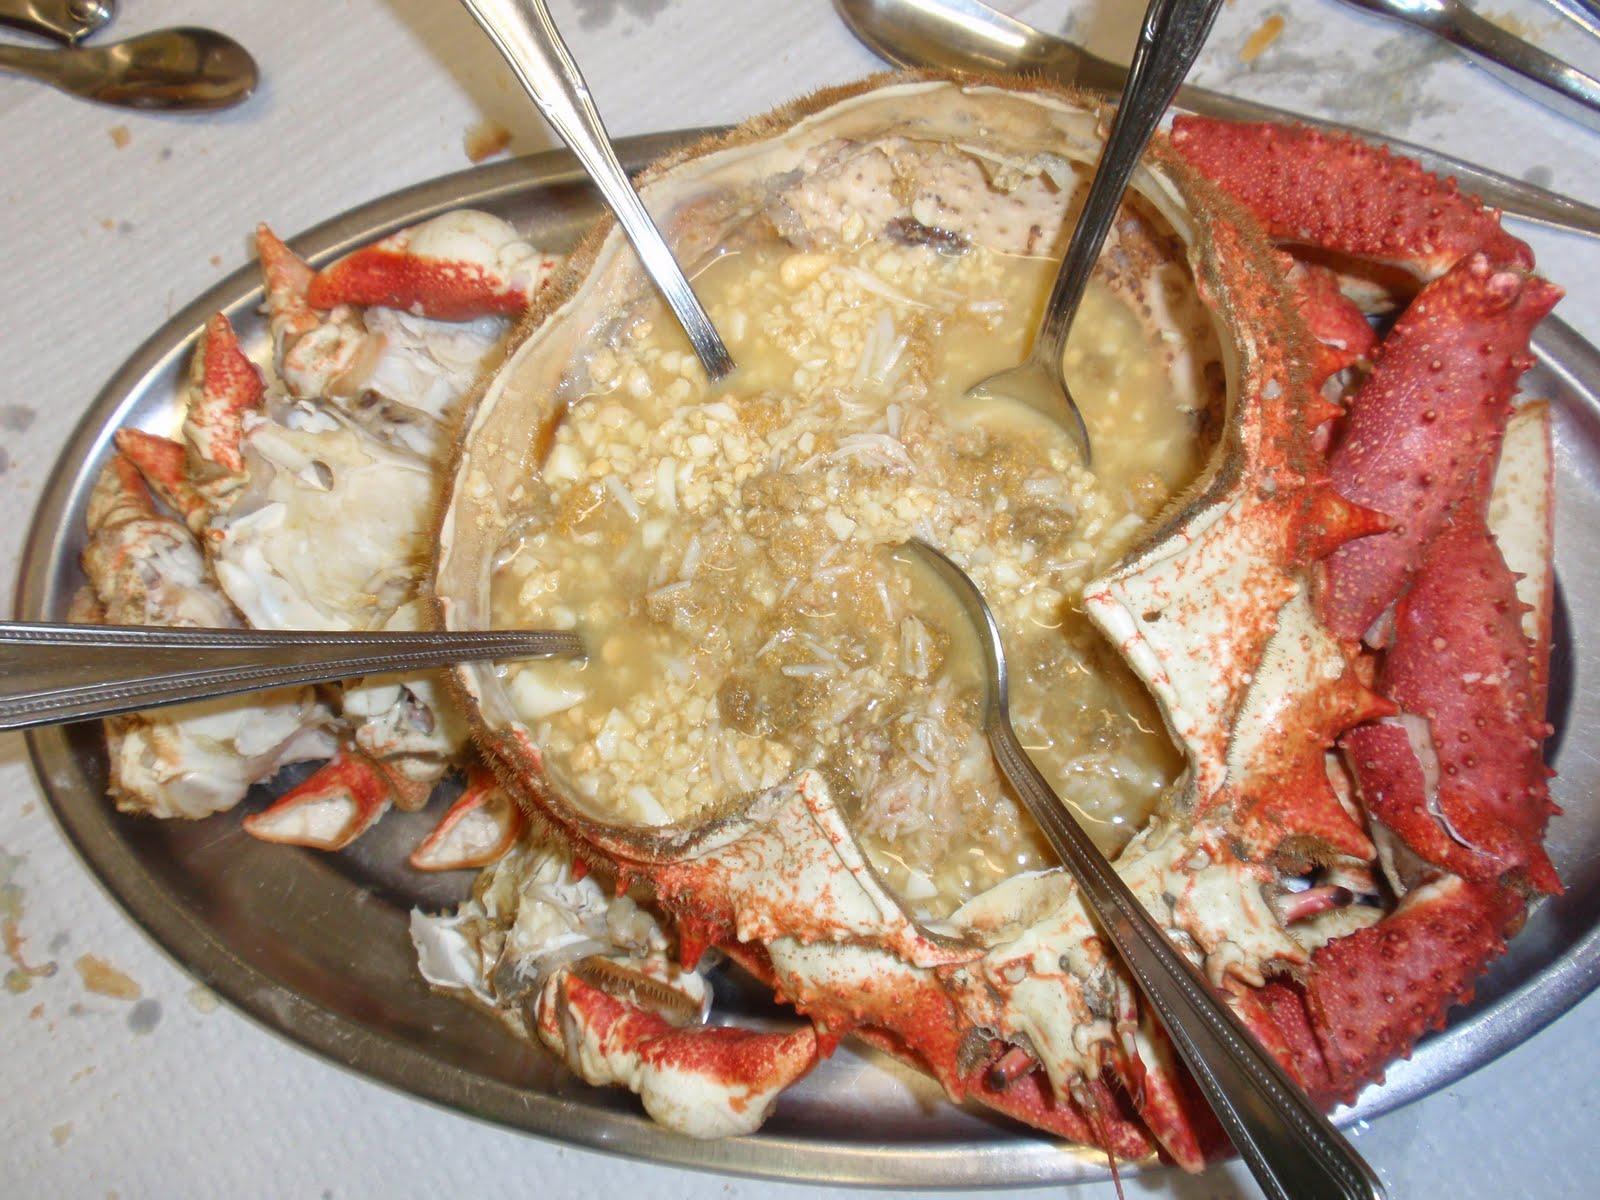 Sociedad gastron mica la horadada enero 2011 for Cocinar un centollo